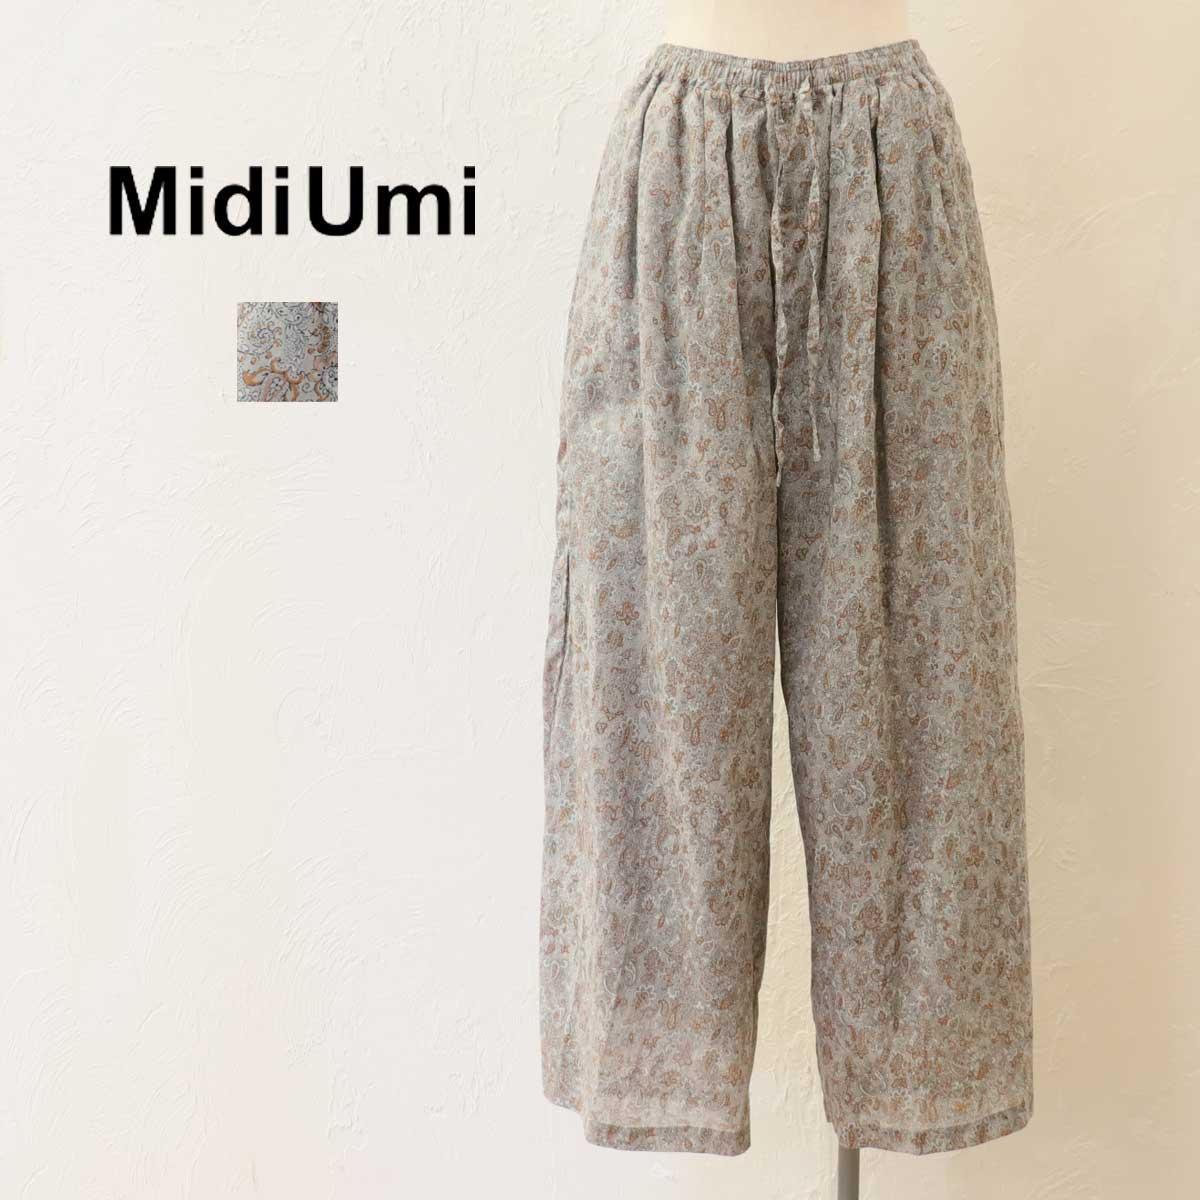 MidiUmi ミディウミ ペイズリーワイドタックパンツ